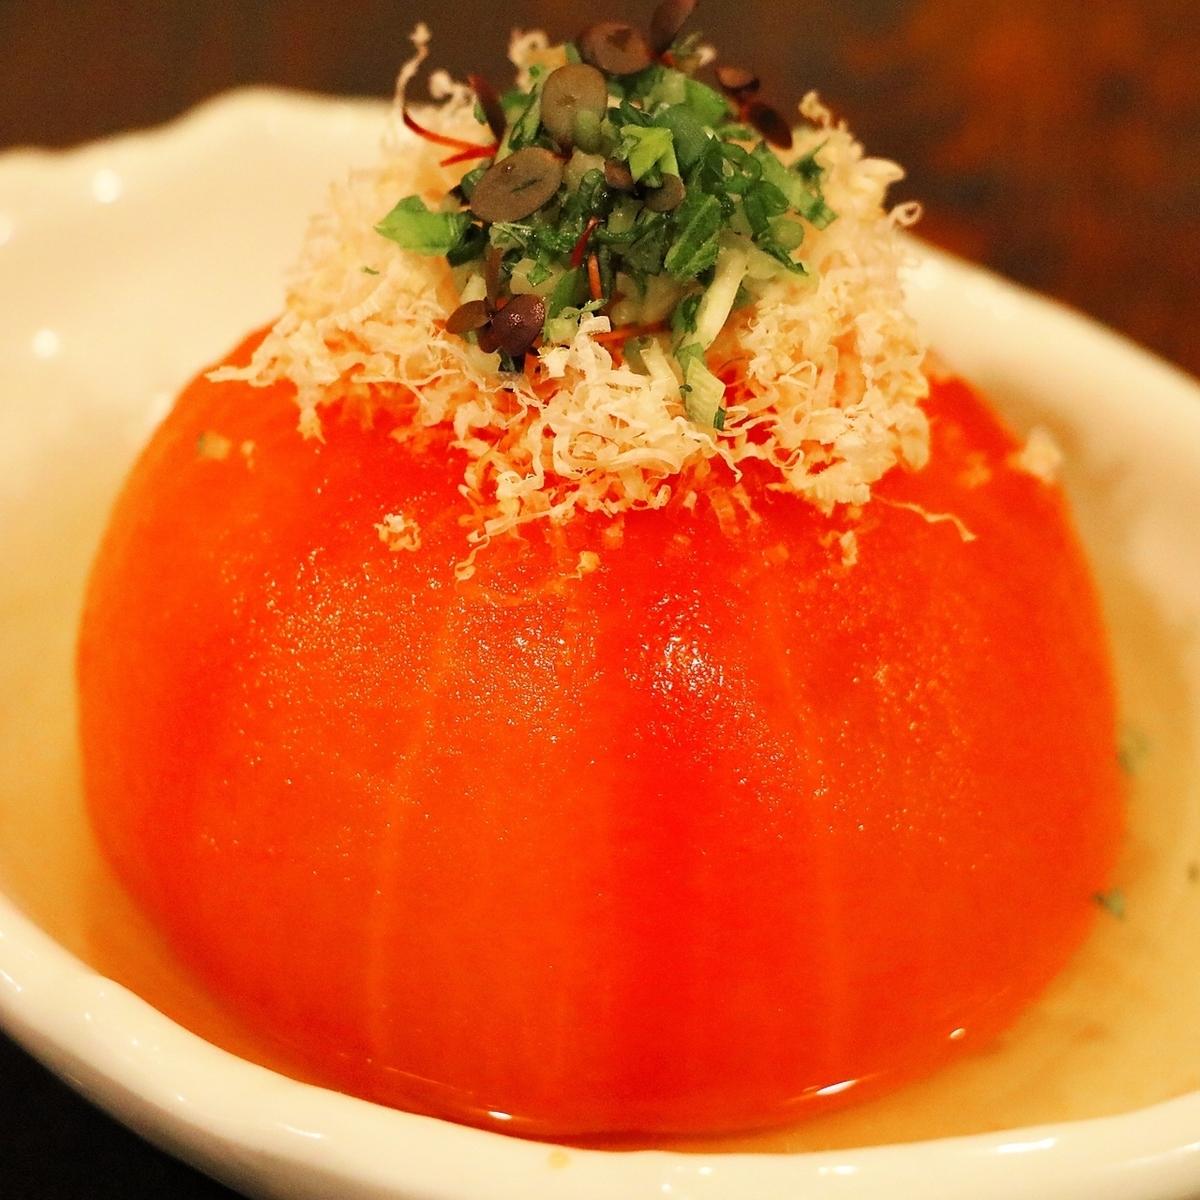 【オススメ】トマトの煮込み